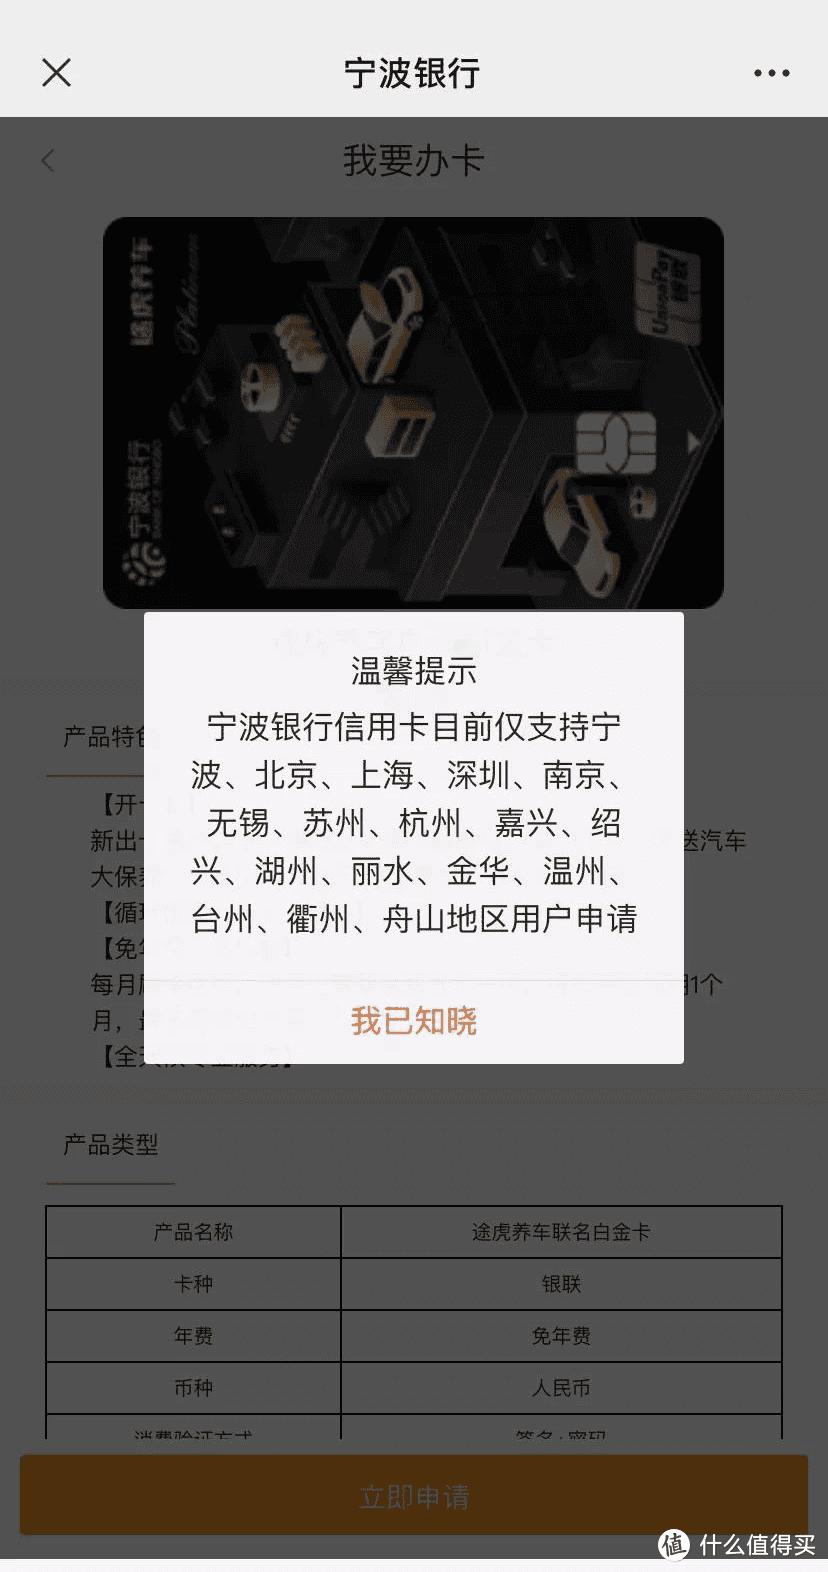 宁波途虎养车信用卡正式上线!放水额度最高30万!享免费大保养!